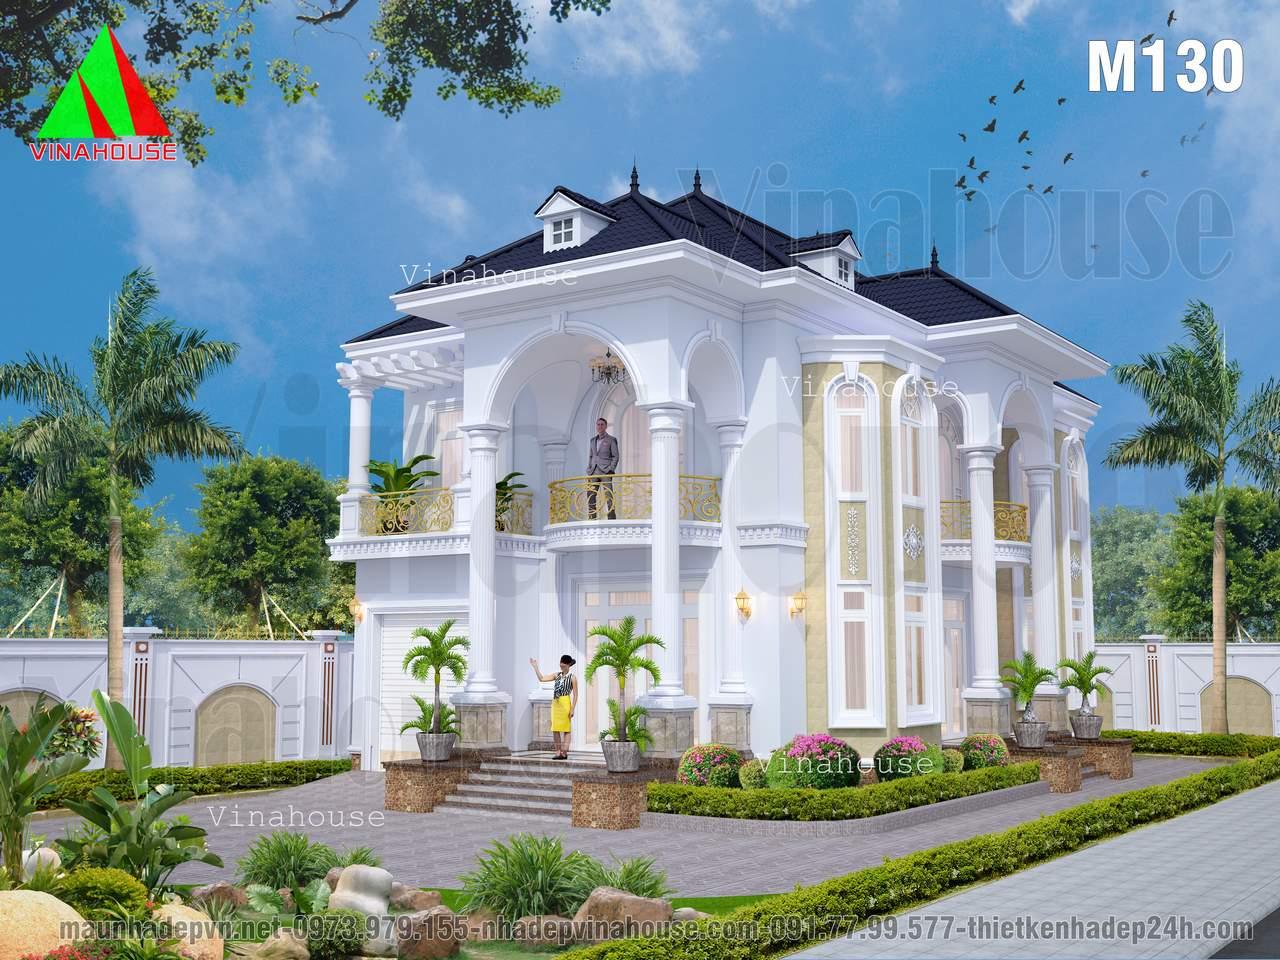 Thiết kế biệt thự đẹp 2 tầng 2 mặt tiền cổ điển